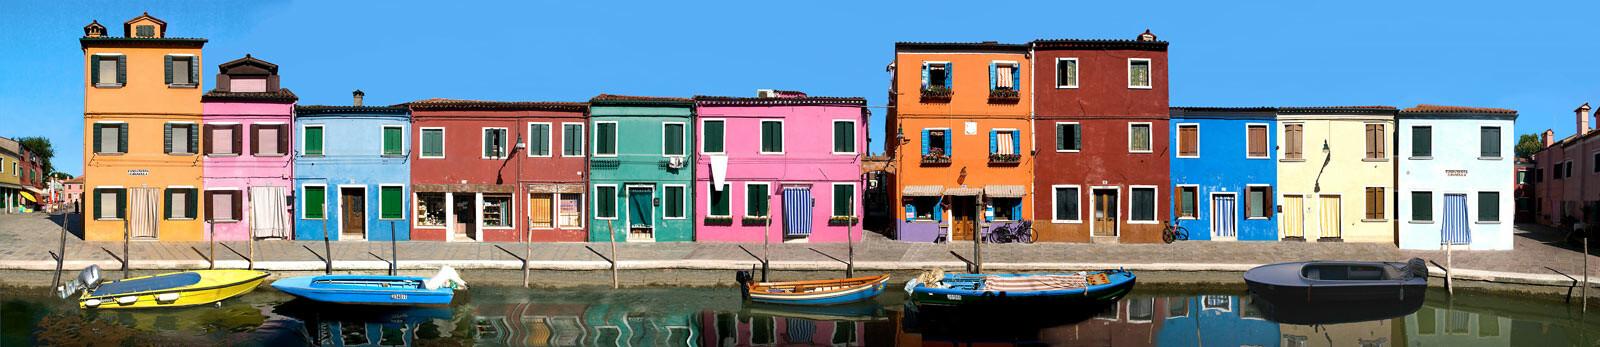 Venice, Burano, Fondamento Caravello - Larry Yust